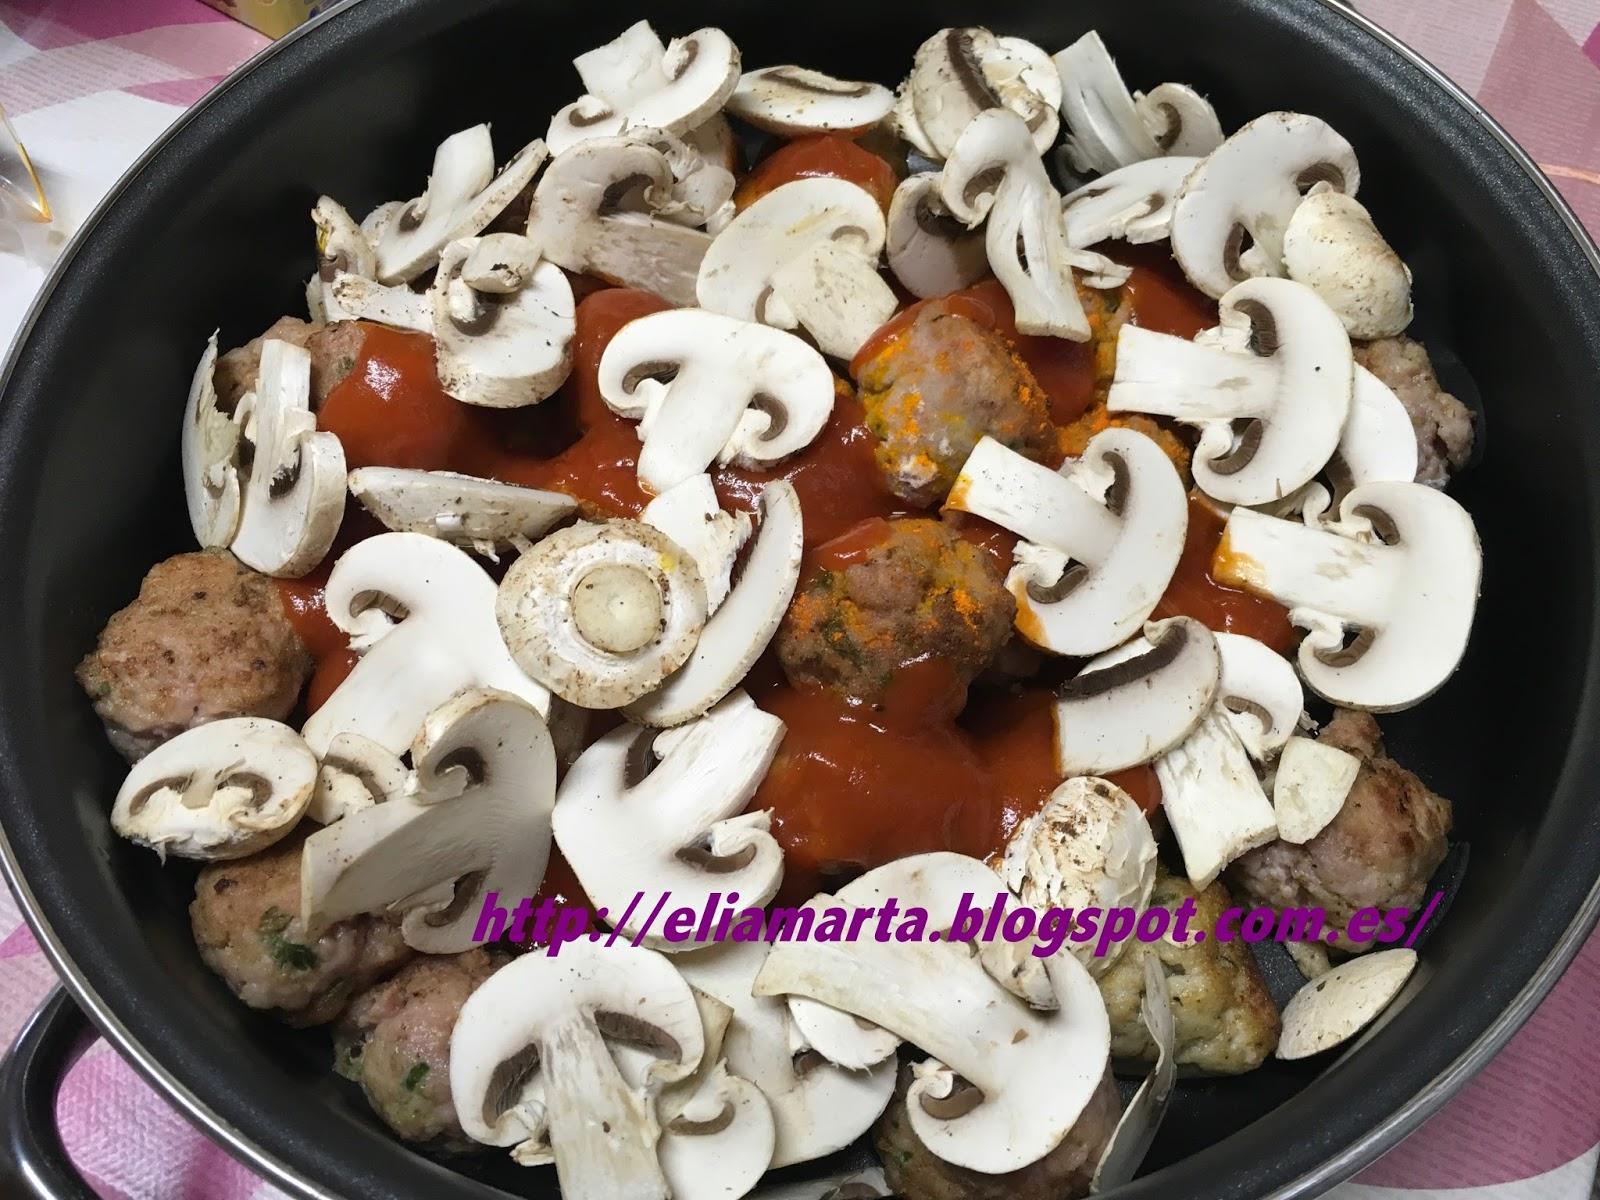 Mis recetas buen ver y buen comer albondigas en salsa - Acompanamiento para albondigas ...